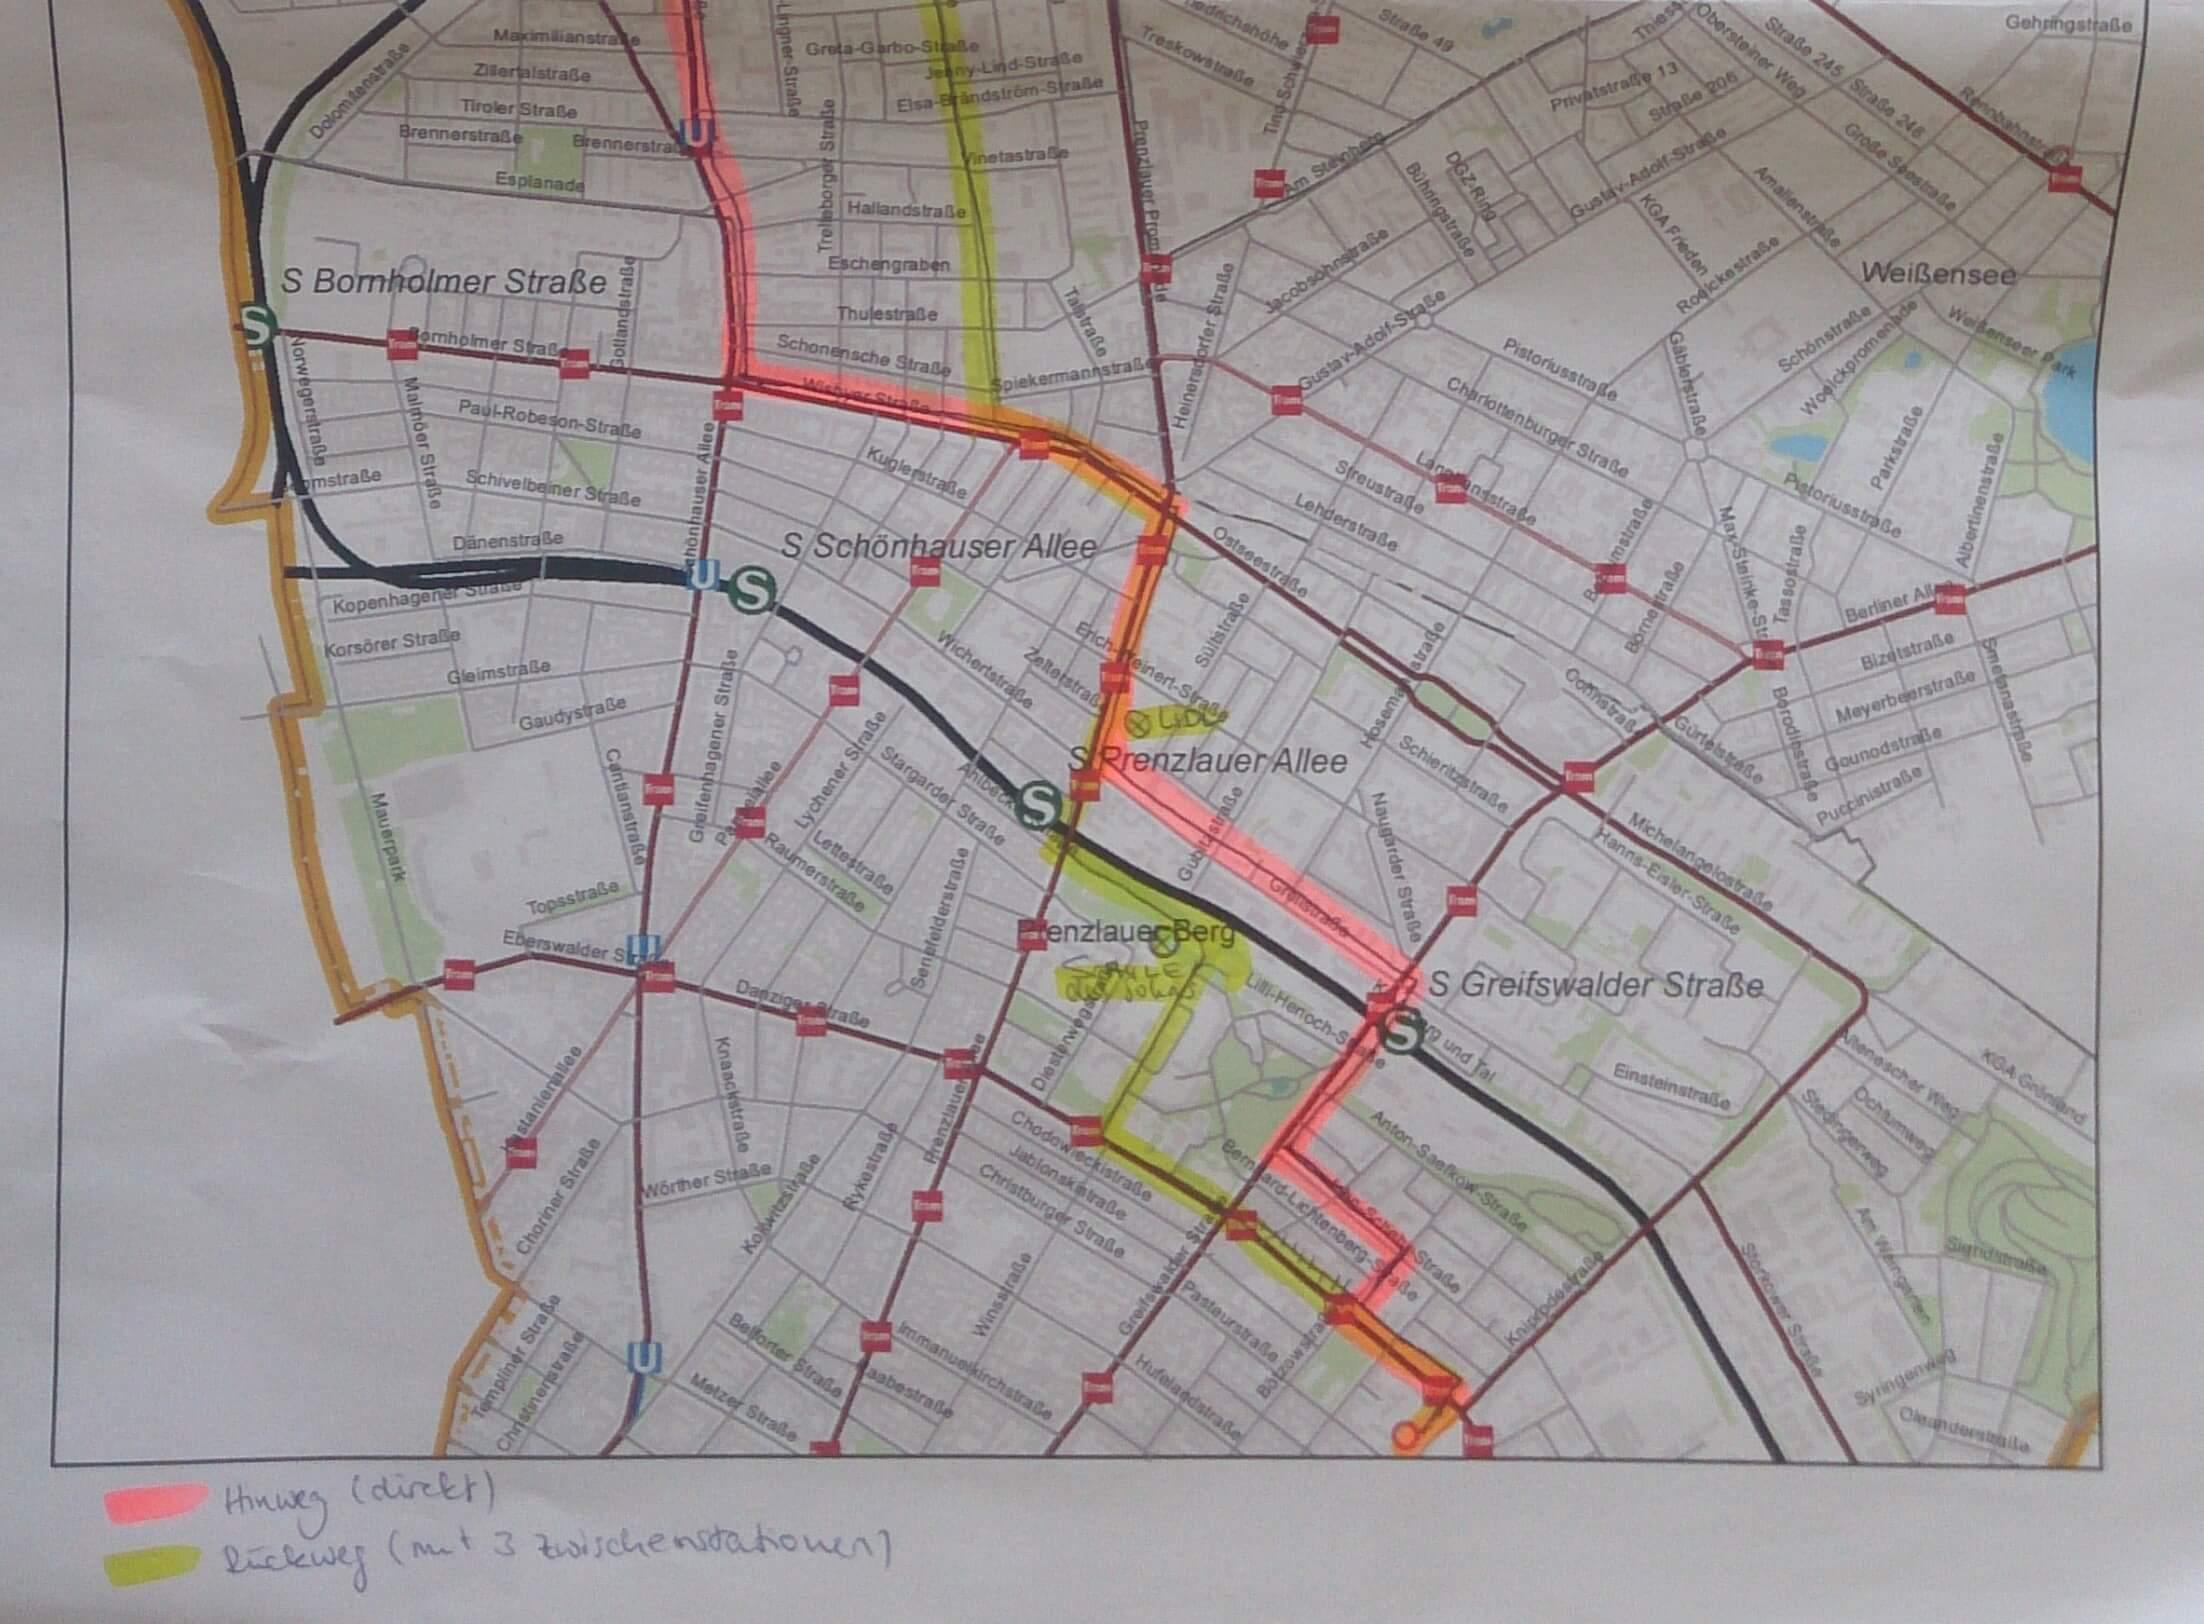 Dargestellt ist ein Kartenausschnitt aus einer teilnehmenden Beobachtung. Gekennzeichnet sind die während der teilnehmenden Beobachtung zurückgelegten Wege differenziert nach Verkehrsmittel. Diese Karte war die Grundlage für die anschließende Reflexion des Weges durch die begleiteten Personen.